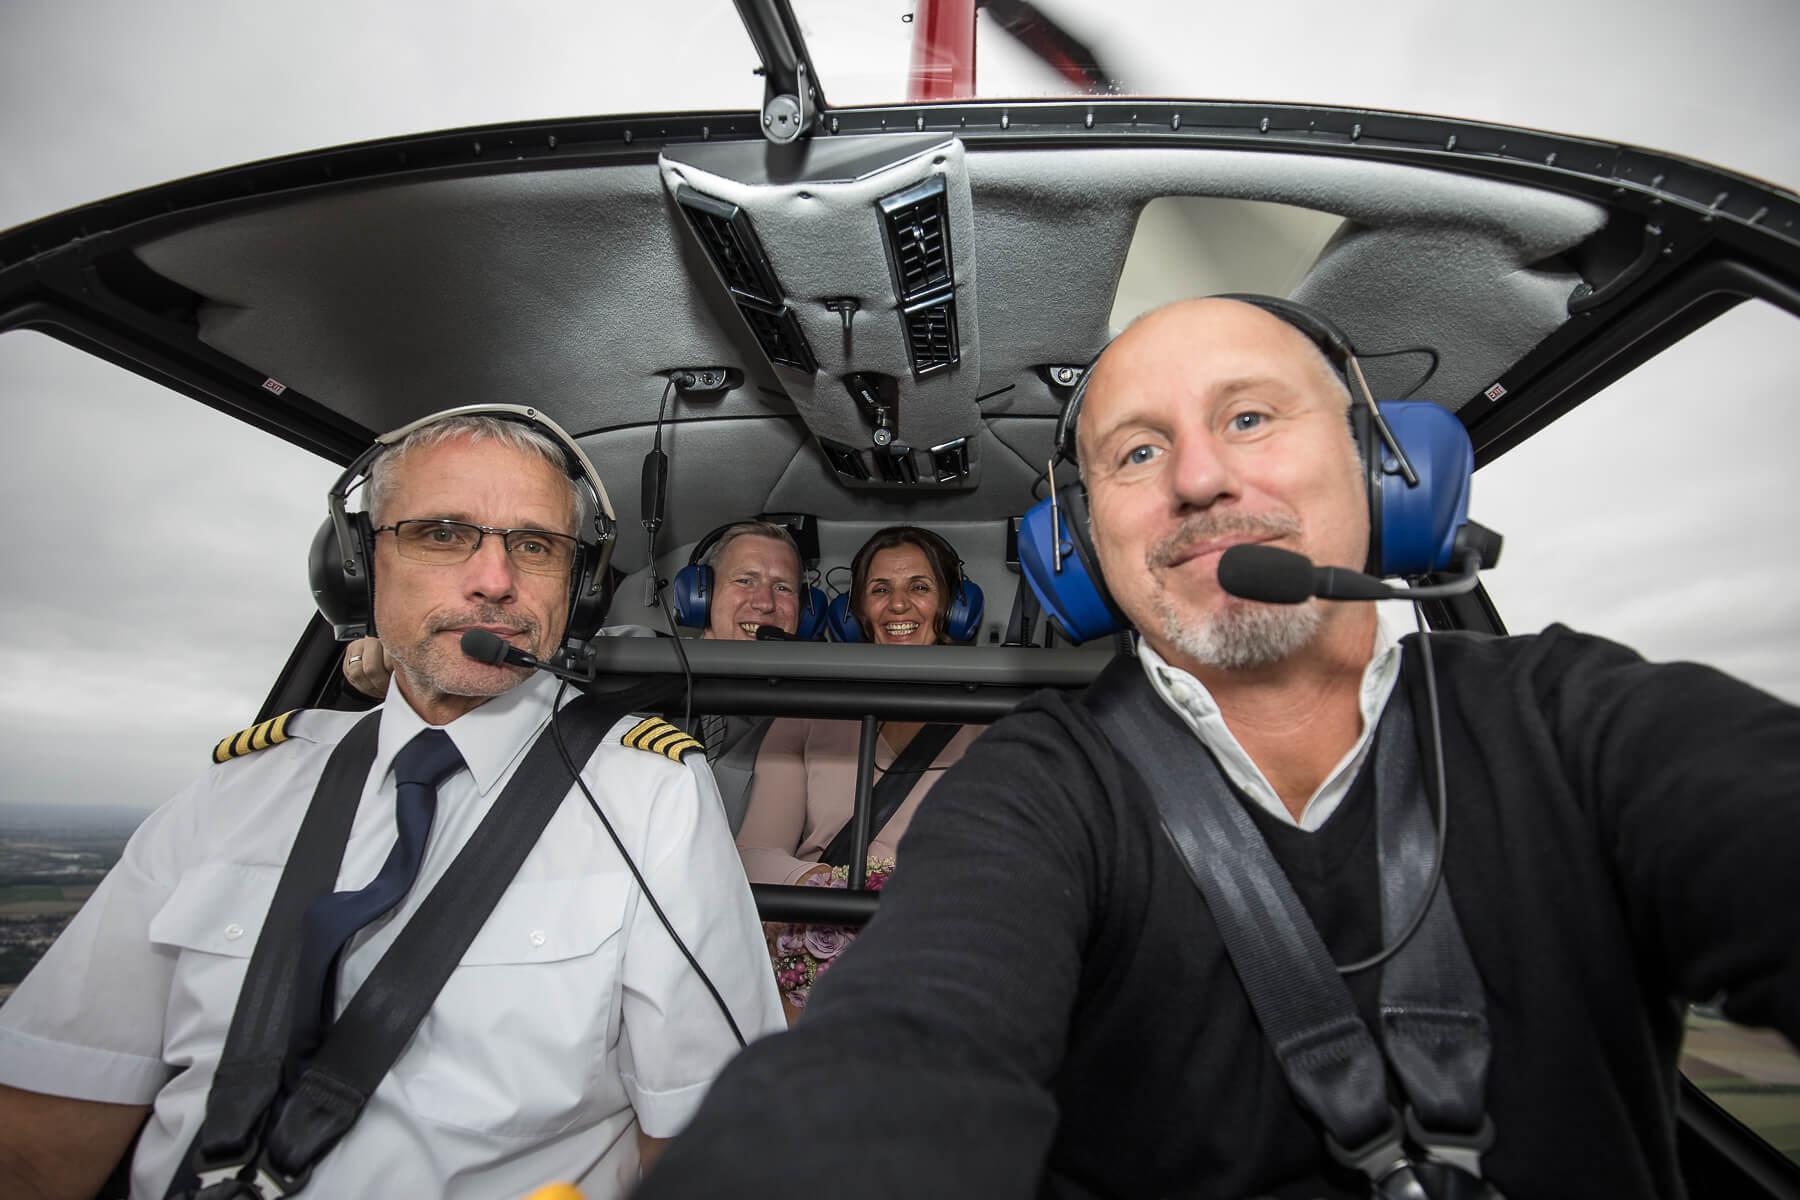 Hochzeitsreportage  Fotograf  Lufthochzeit im Hubschrauber  Hangelar 10